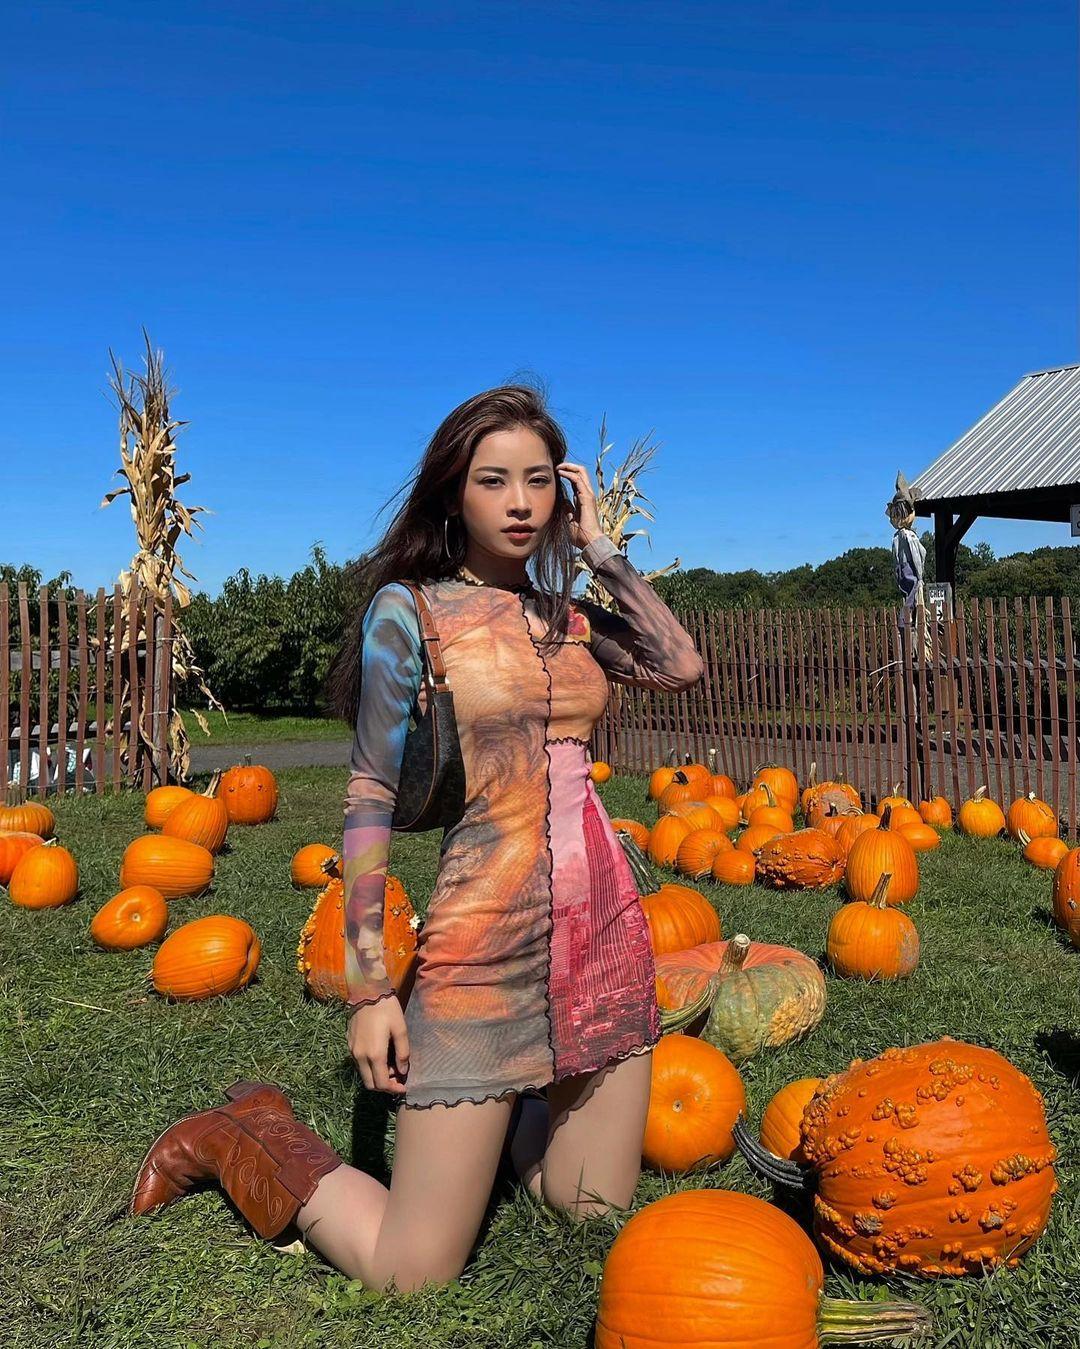 Đồng thời, Chi Pu cũng cho biết, cô nhận được rất nhiều lời tư vấn chỗ ăn chơi, ngắm cảnh đẹp của cộng đồng người Việt ở Mỹ. Người đẹp ghi lại hết những địa danh này và đang lên lịch trình. Mới đây, giọng ca Anh ơi ở lại khoe ảnh đón Halloween sớm một tháng tại một trang trại bí ngô bắt gặp dọc đường khi cùng gia đình lái xe ngang qua.